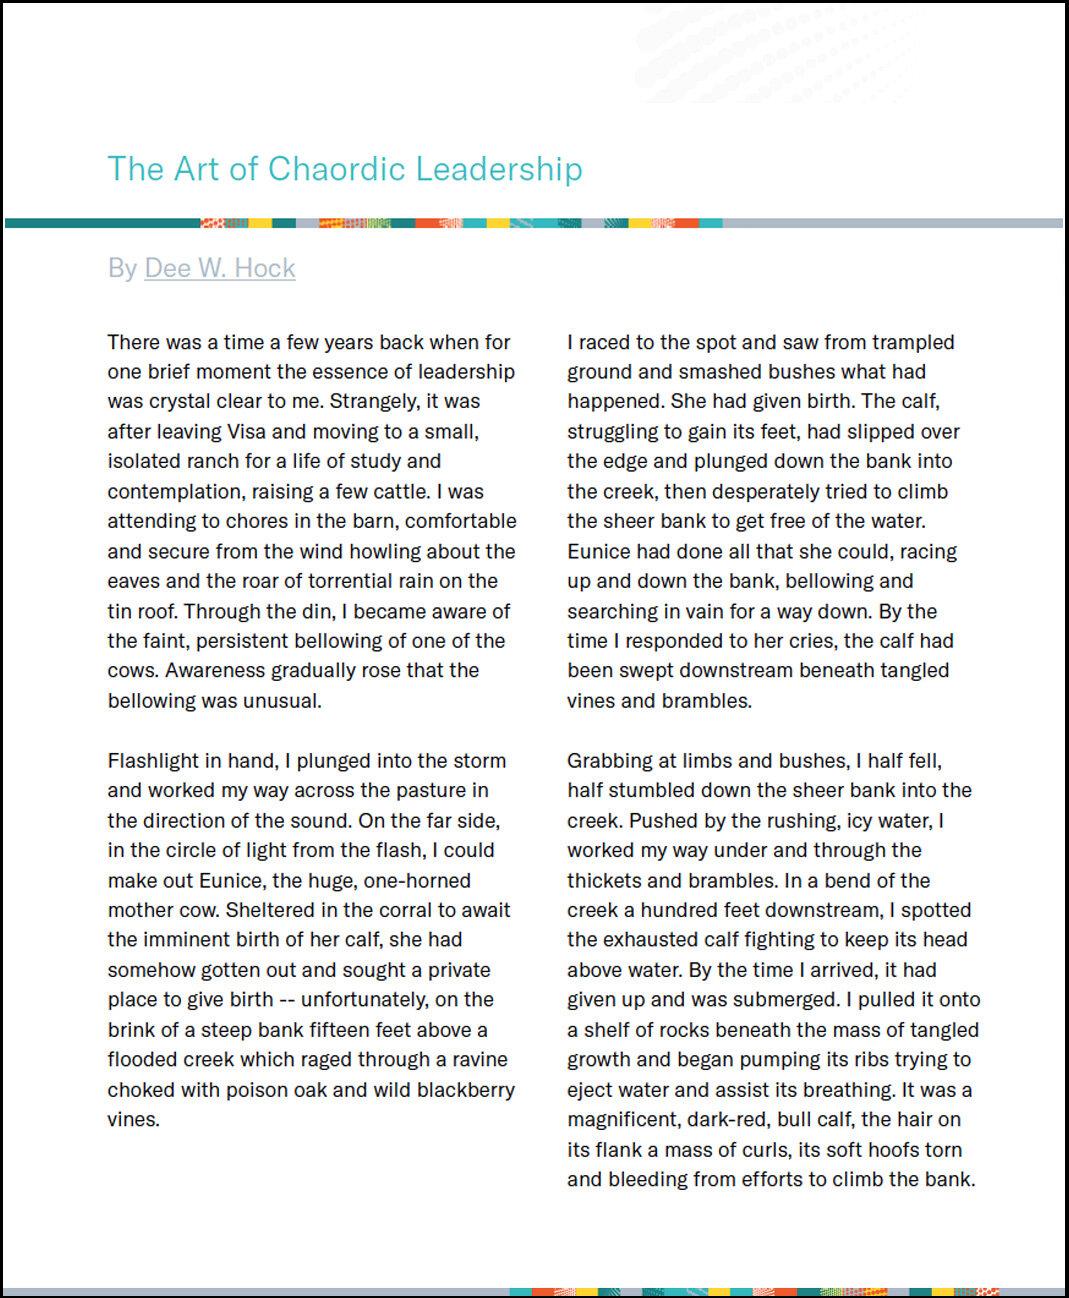 The Art of Chaordic Leadership by Dee Hock